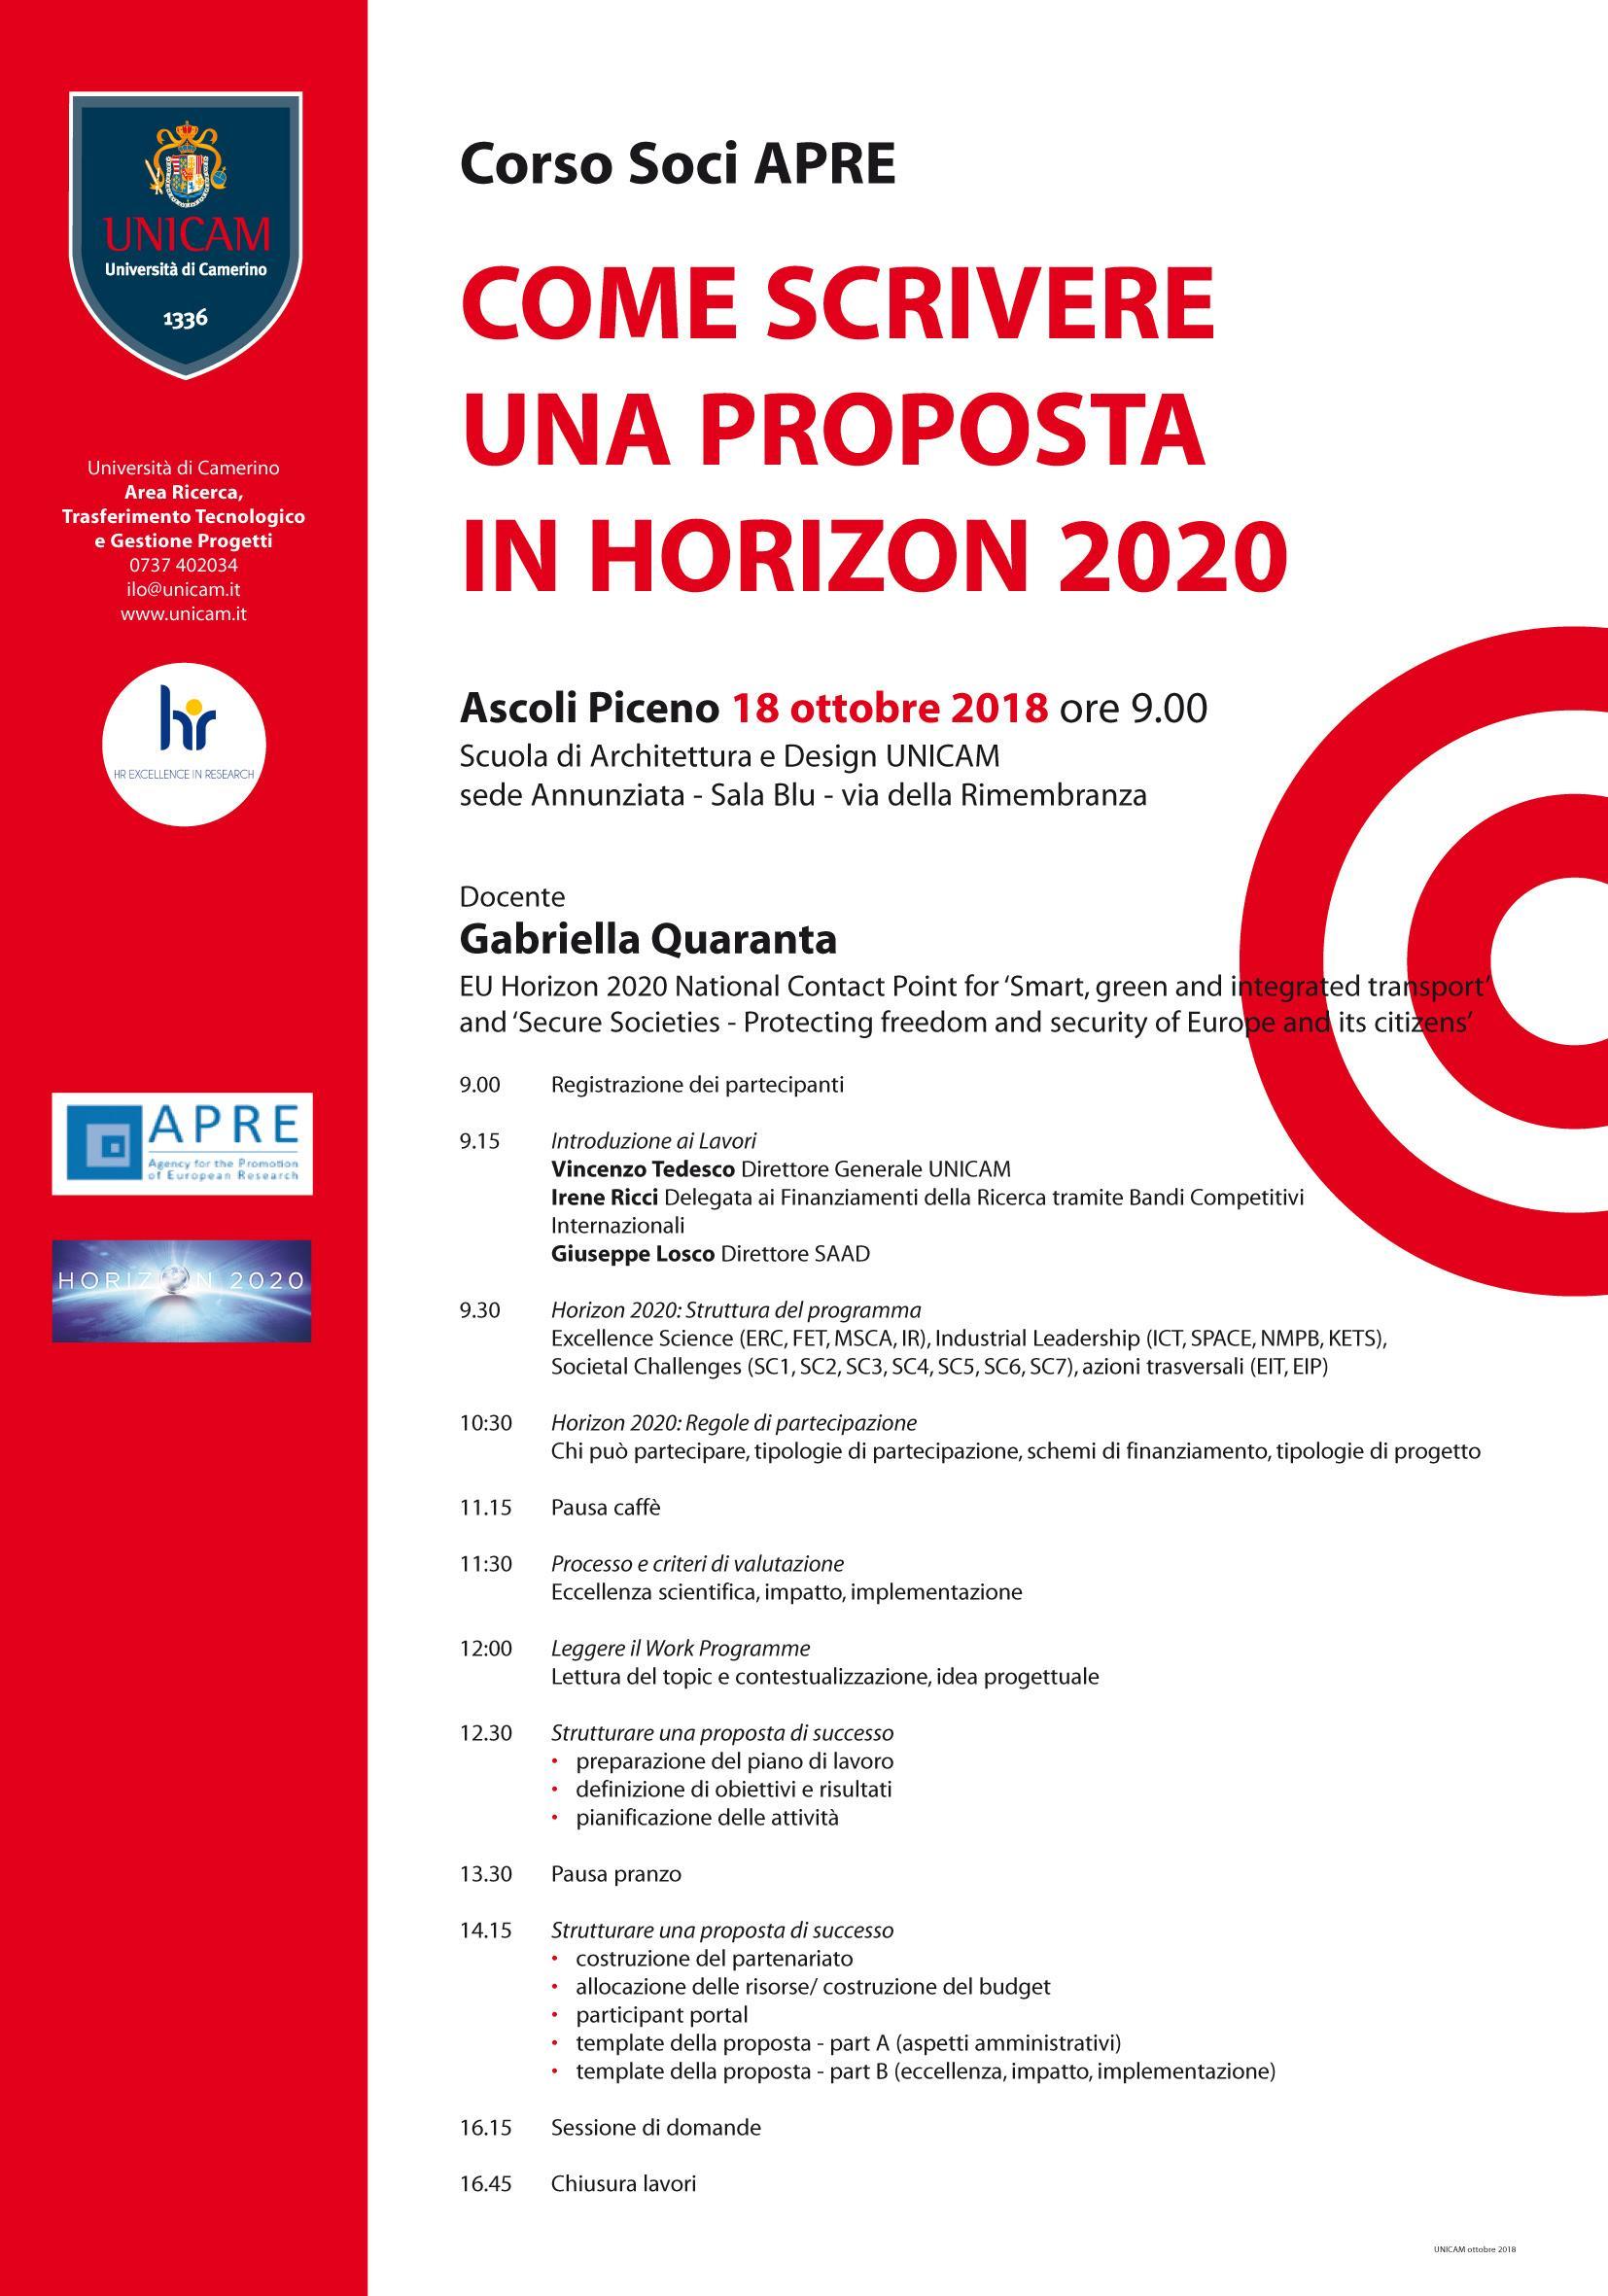 come scrivere una proposta in horizon 2020